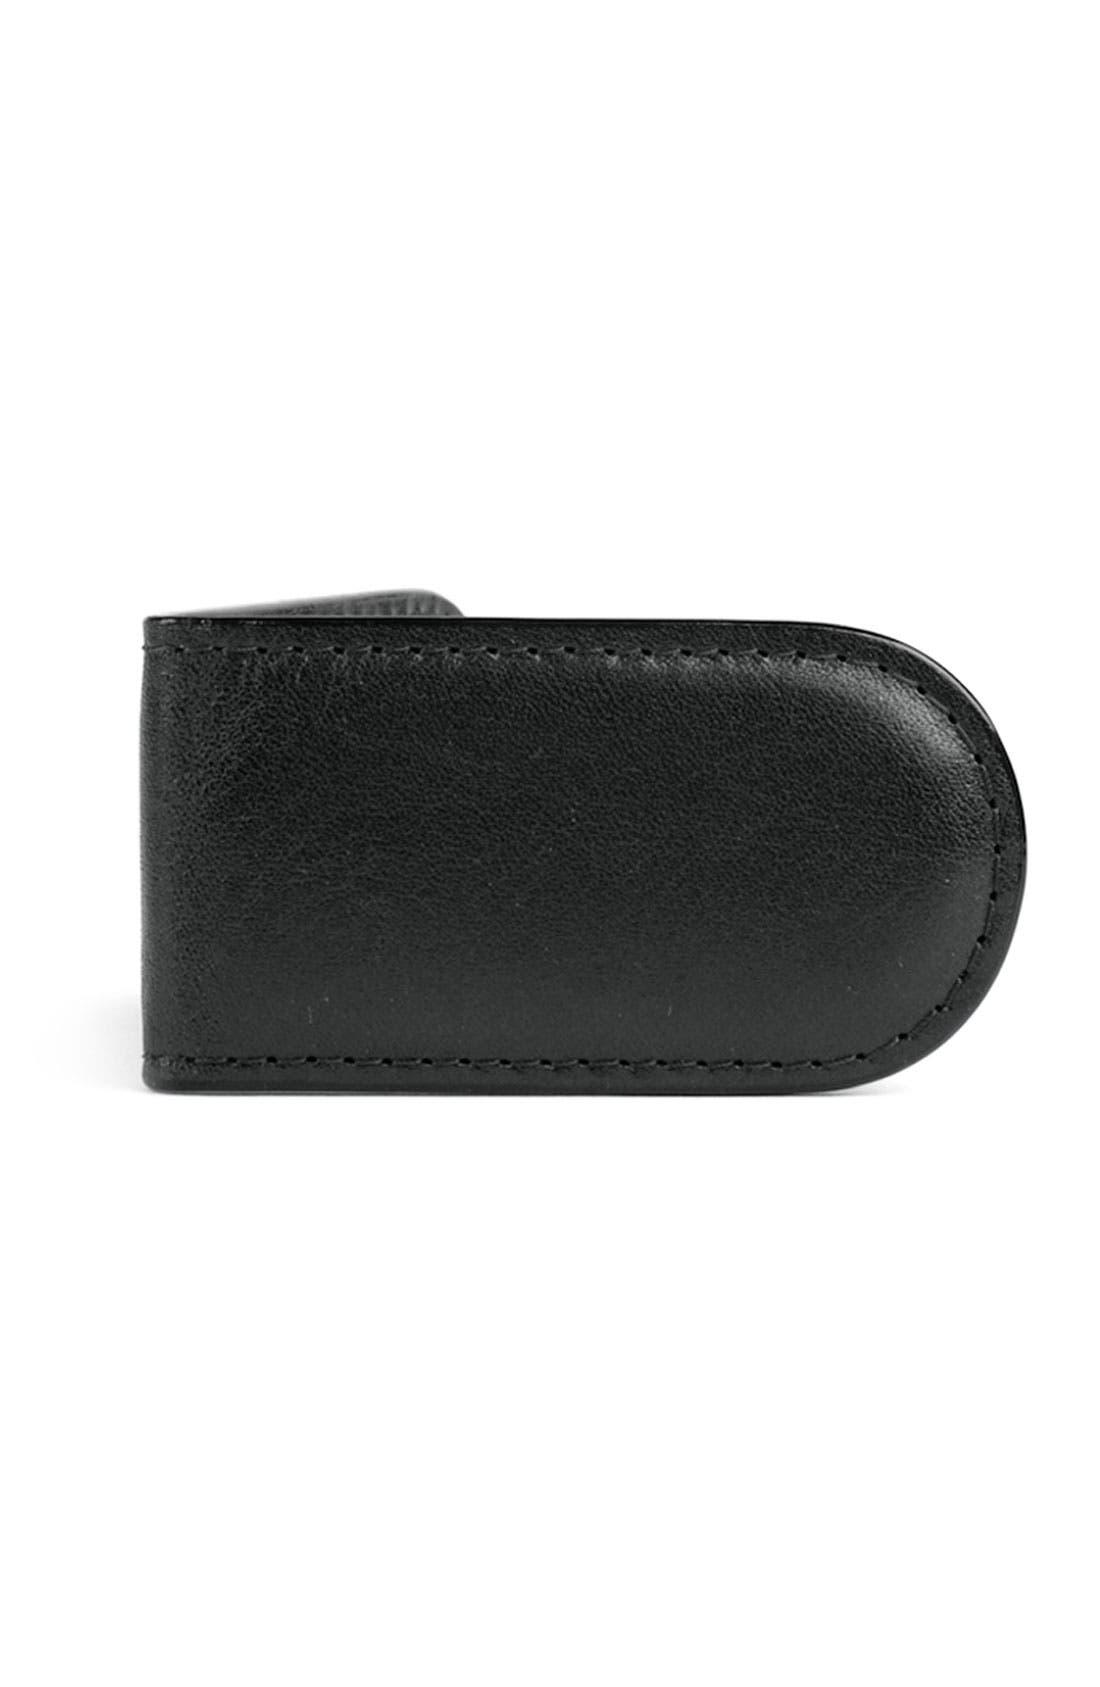 Leather Money Clip,                             Main thumbnail 2, color,